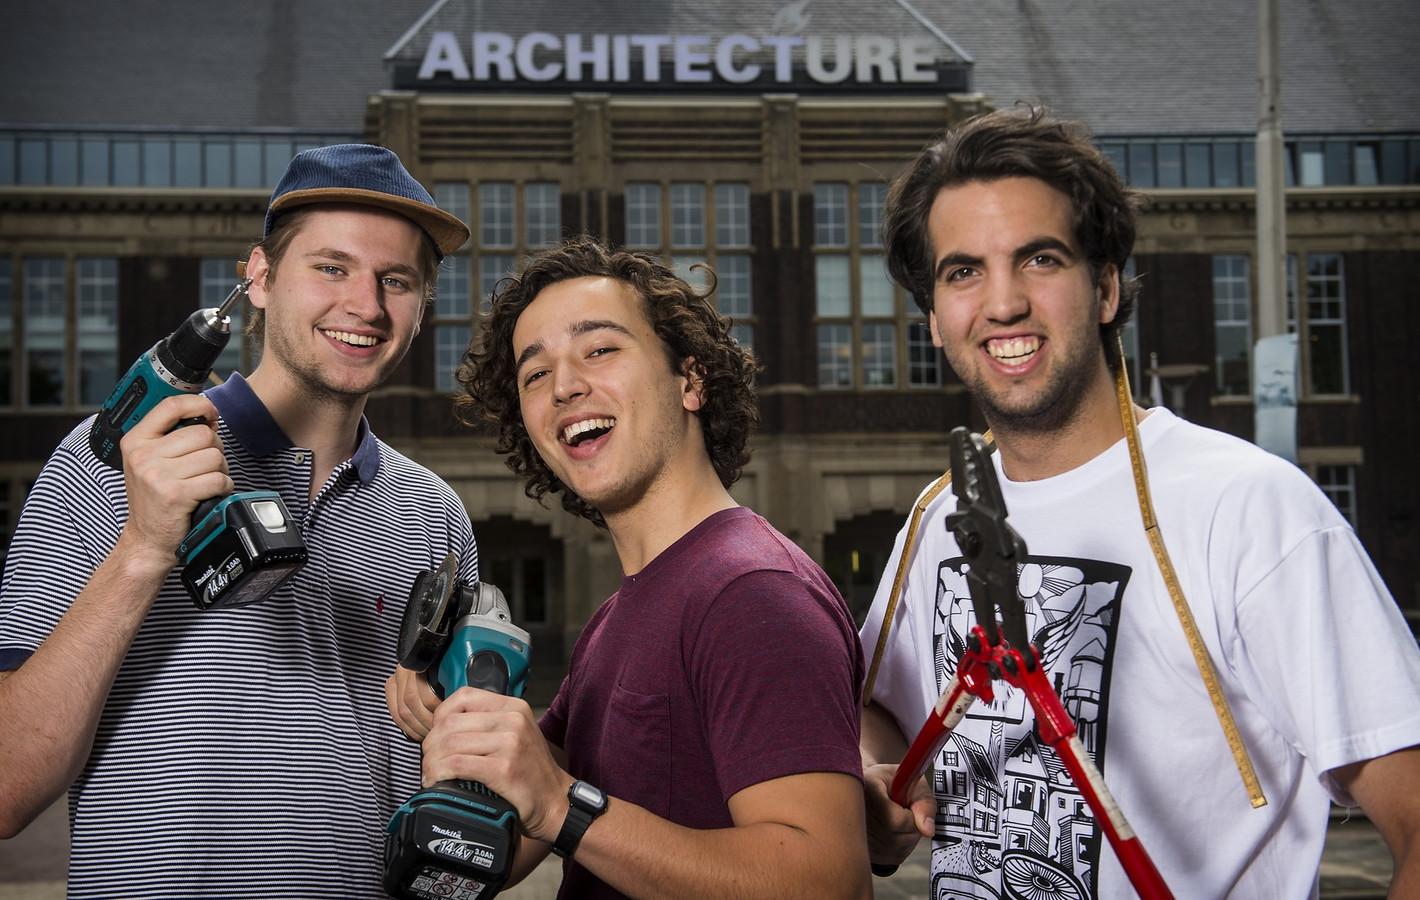 Bob Hendrikx (r), Dominik Lukkes (l) en Ronen Dan voor de faculteit bouwkunde in Delft.